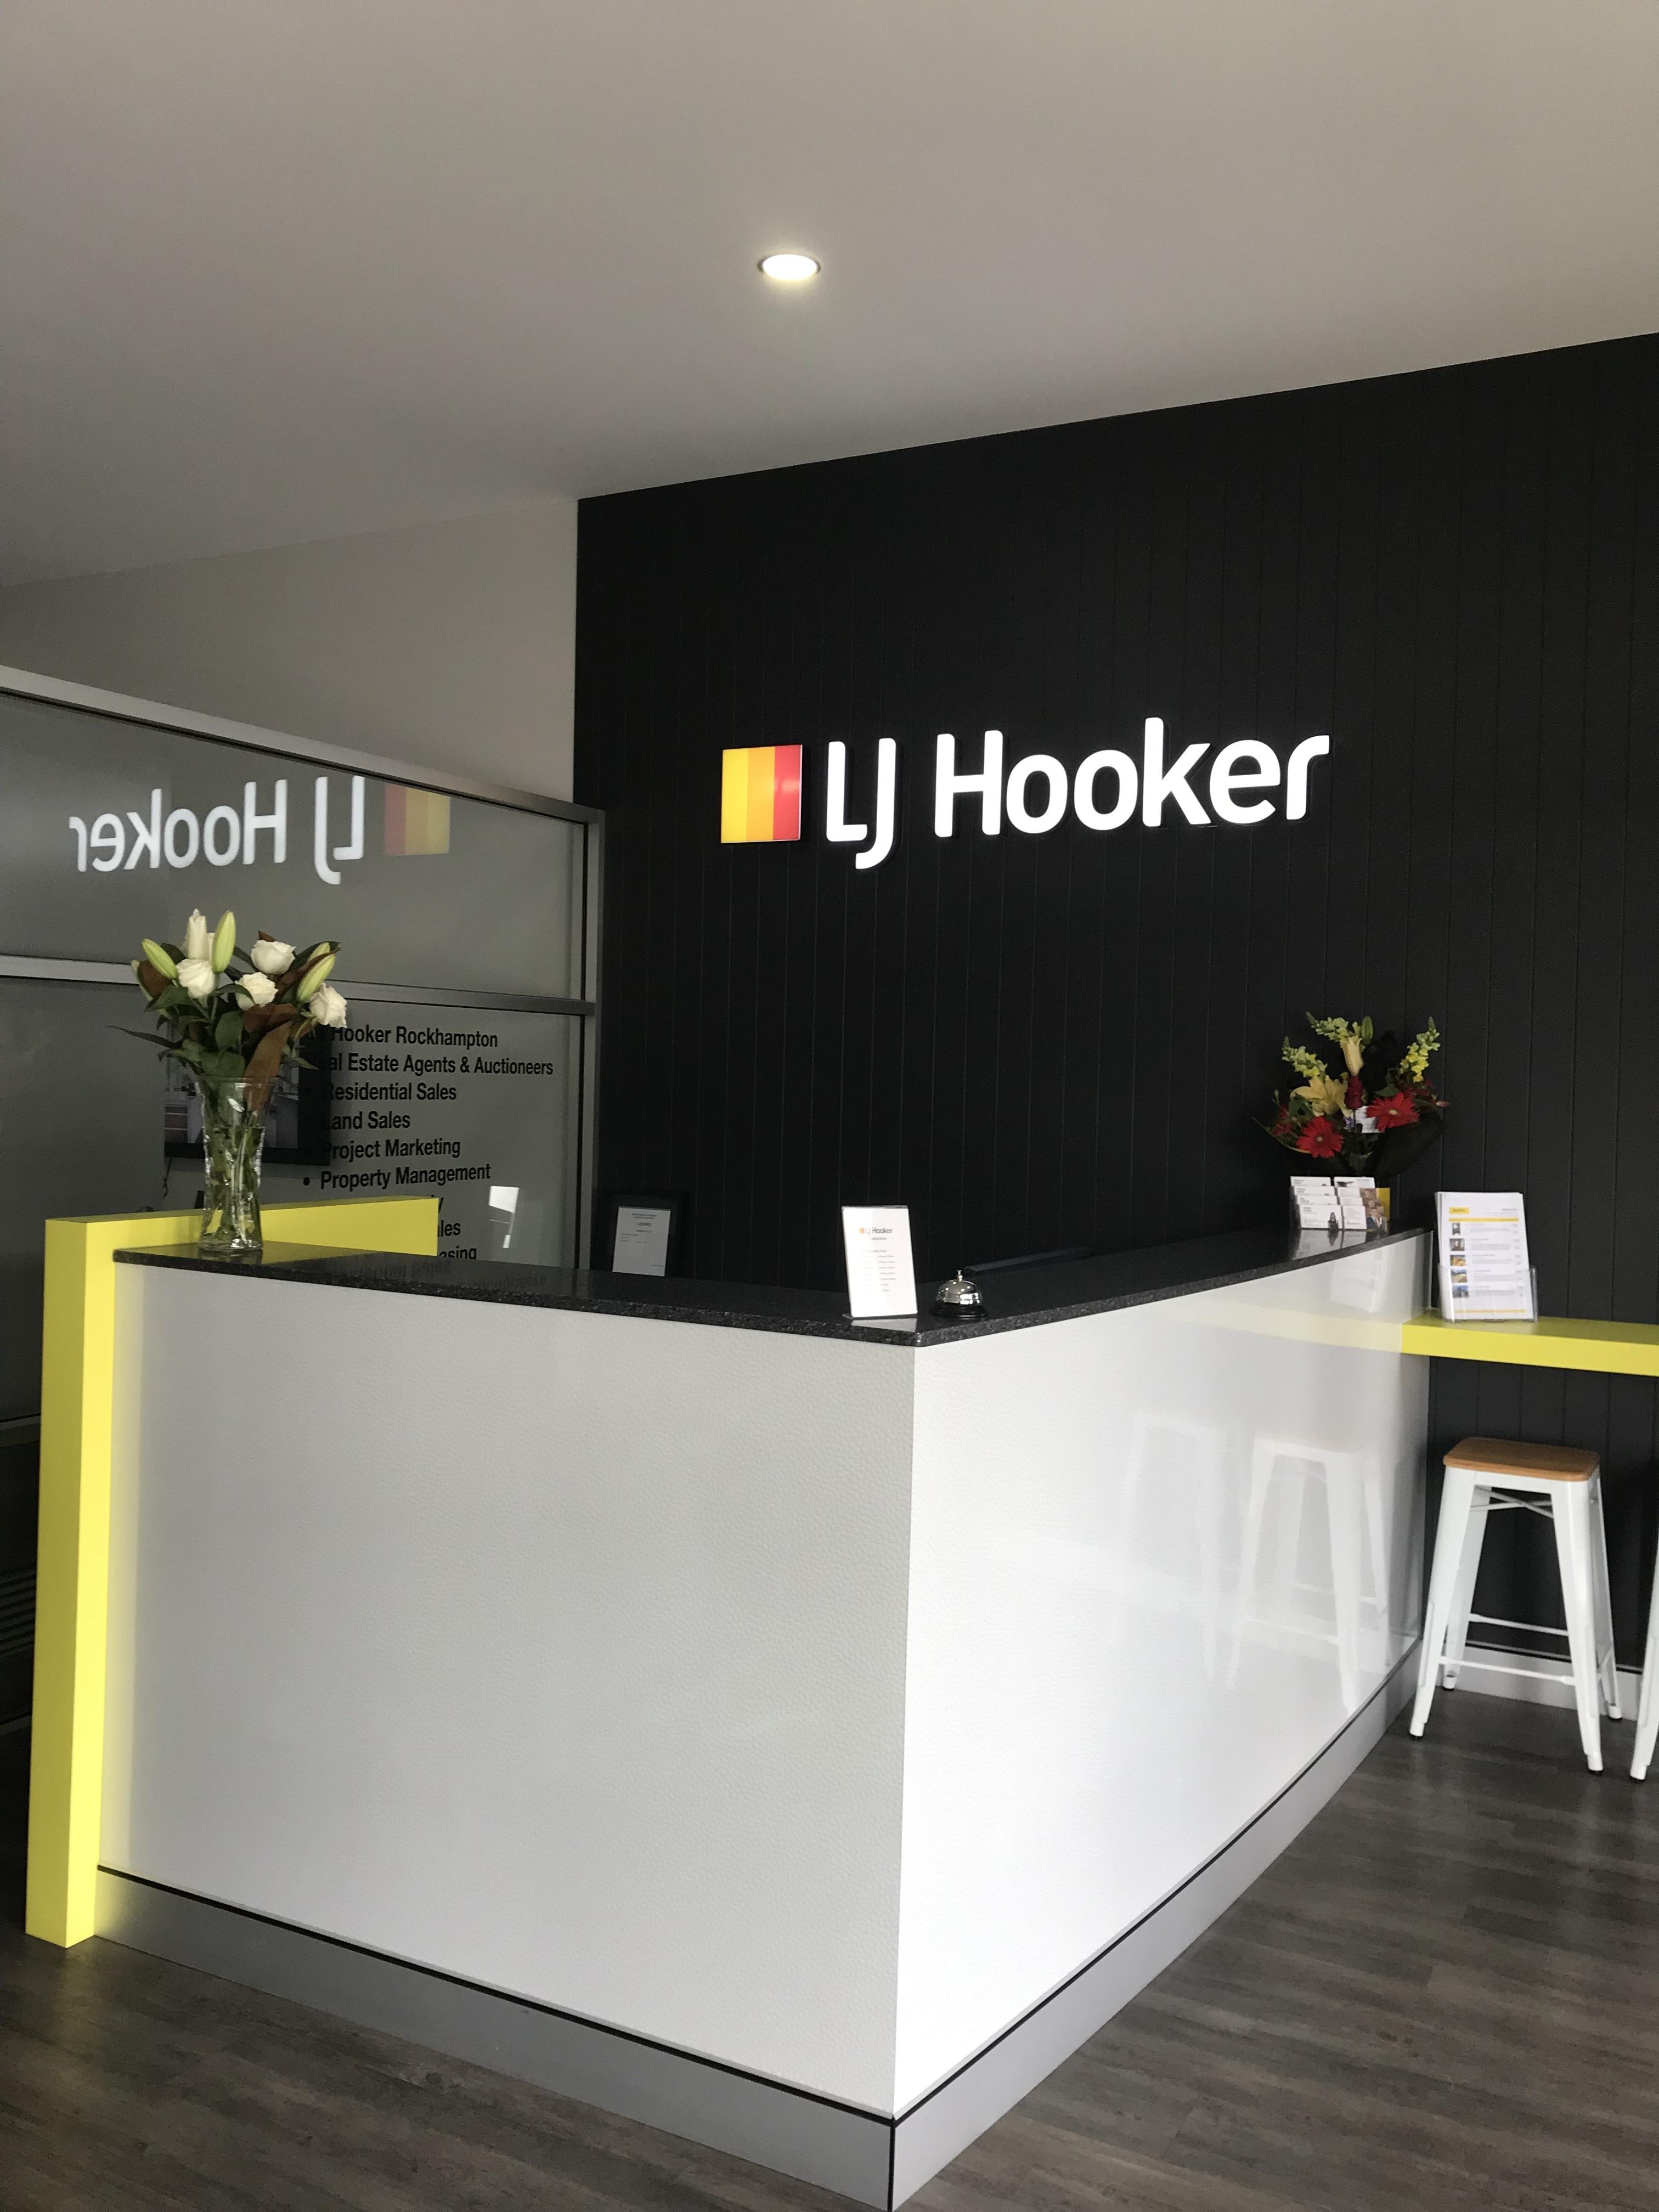 LJ Hooker Rockhampton